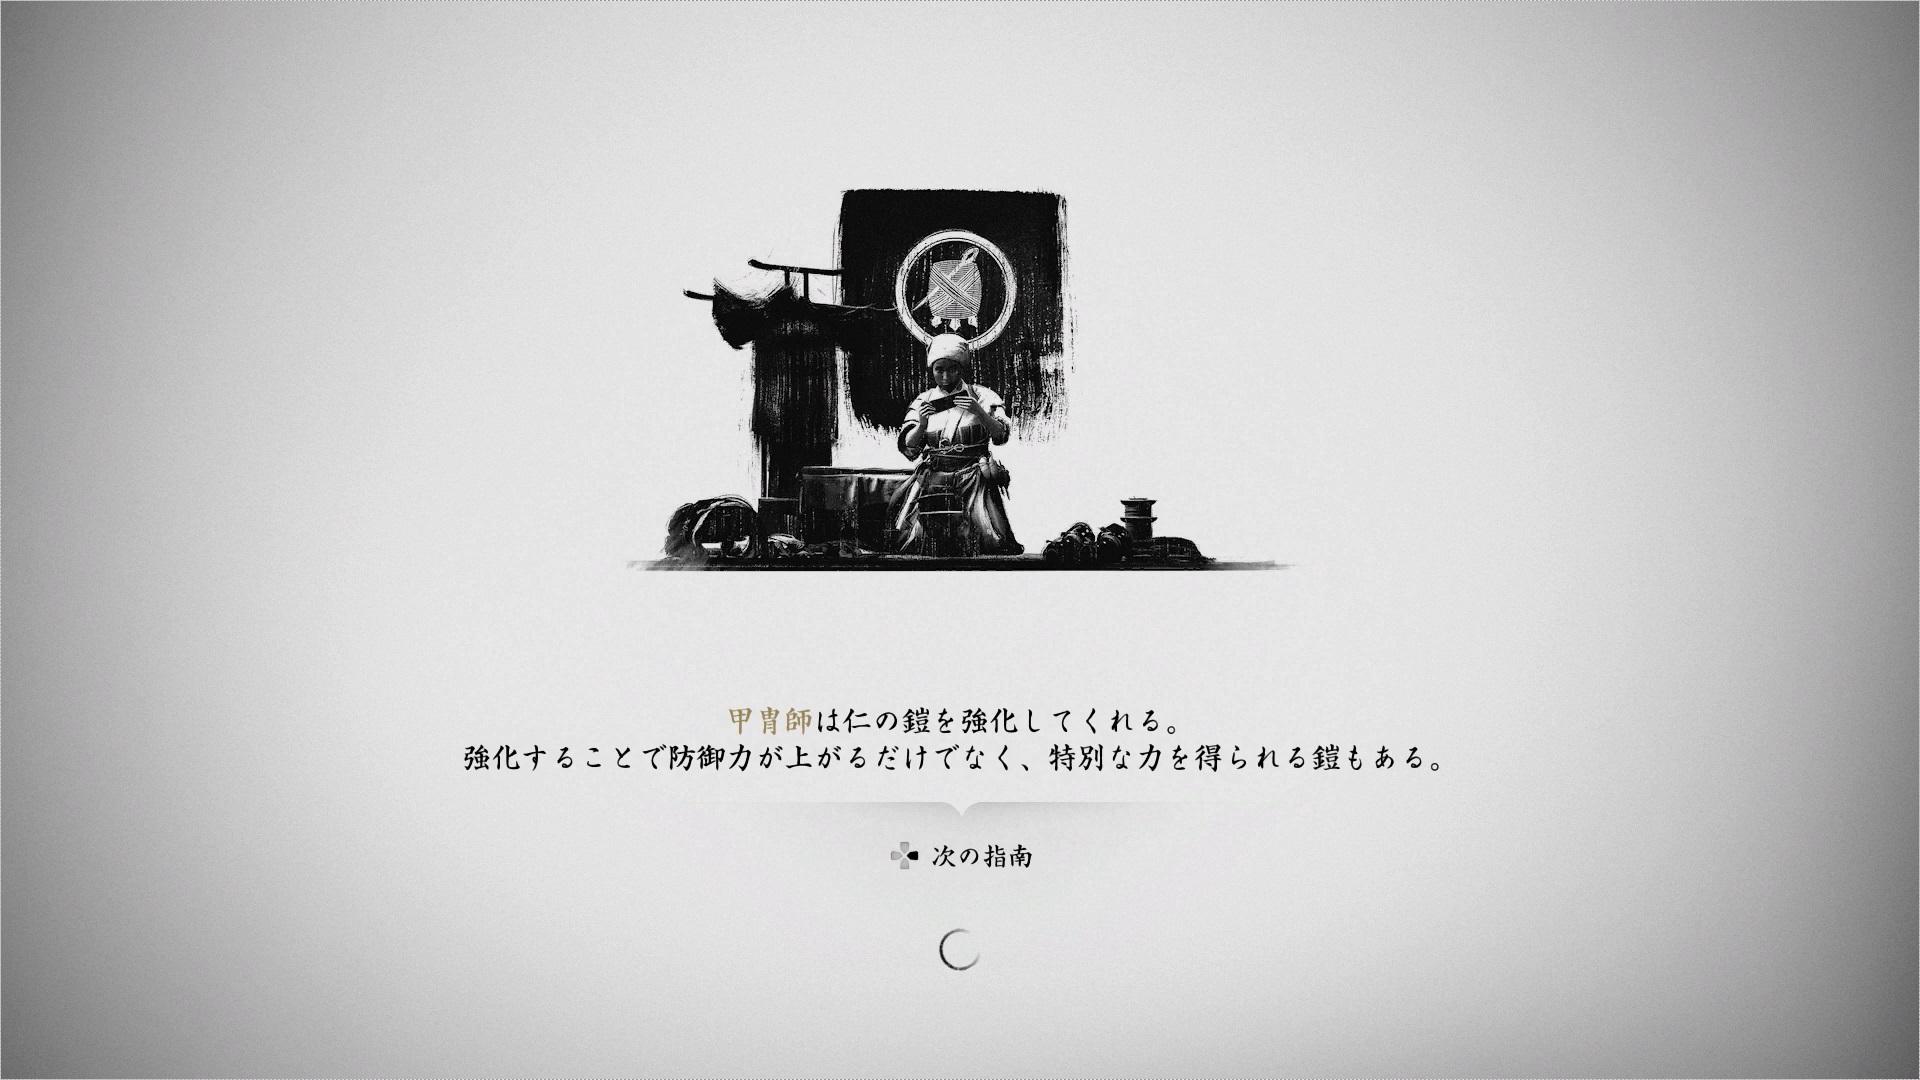 甲冑師は仁の鎧を強化してくれる。強化することで防御力が上がるだけでなく、特別な力を得られる鎧もある。